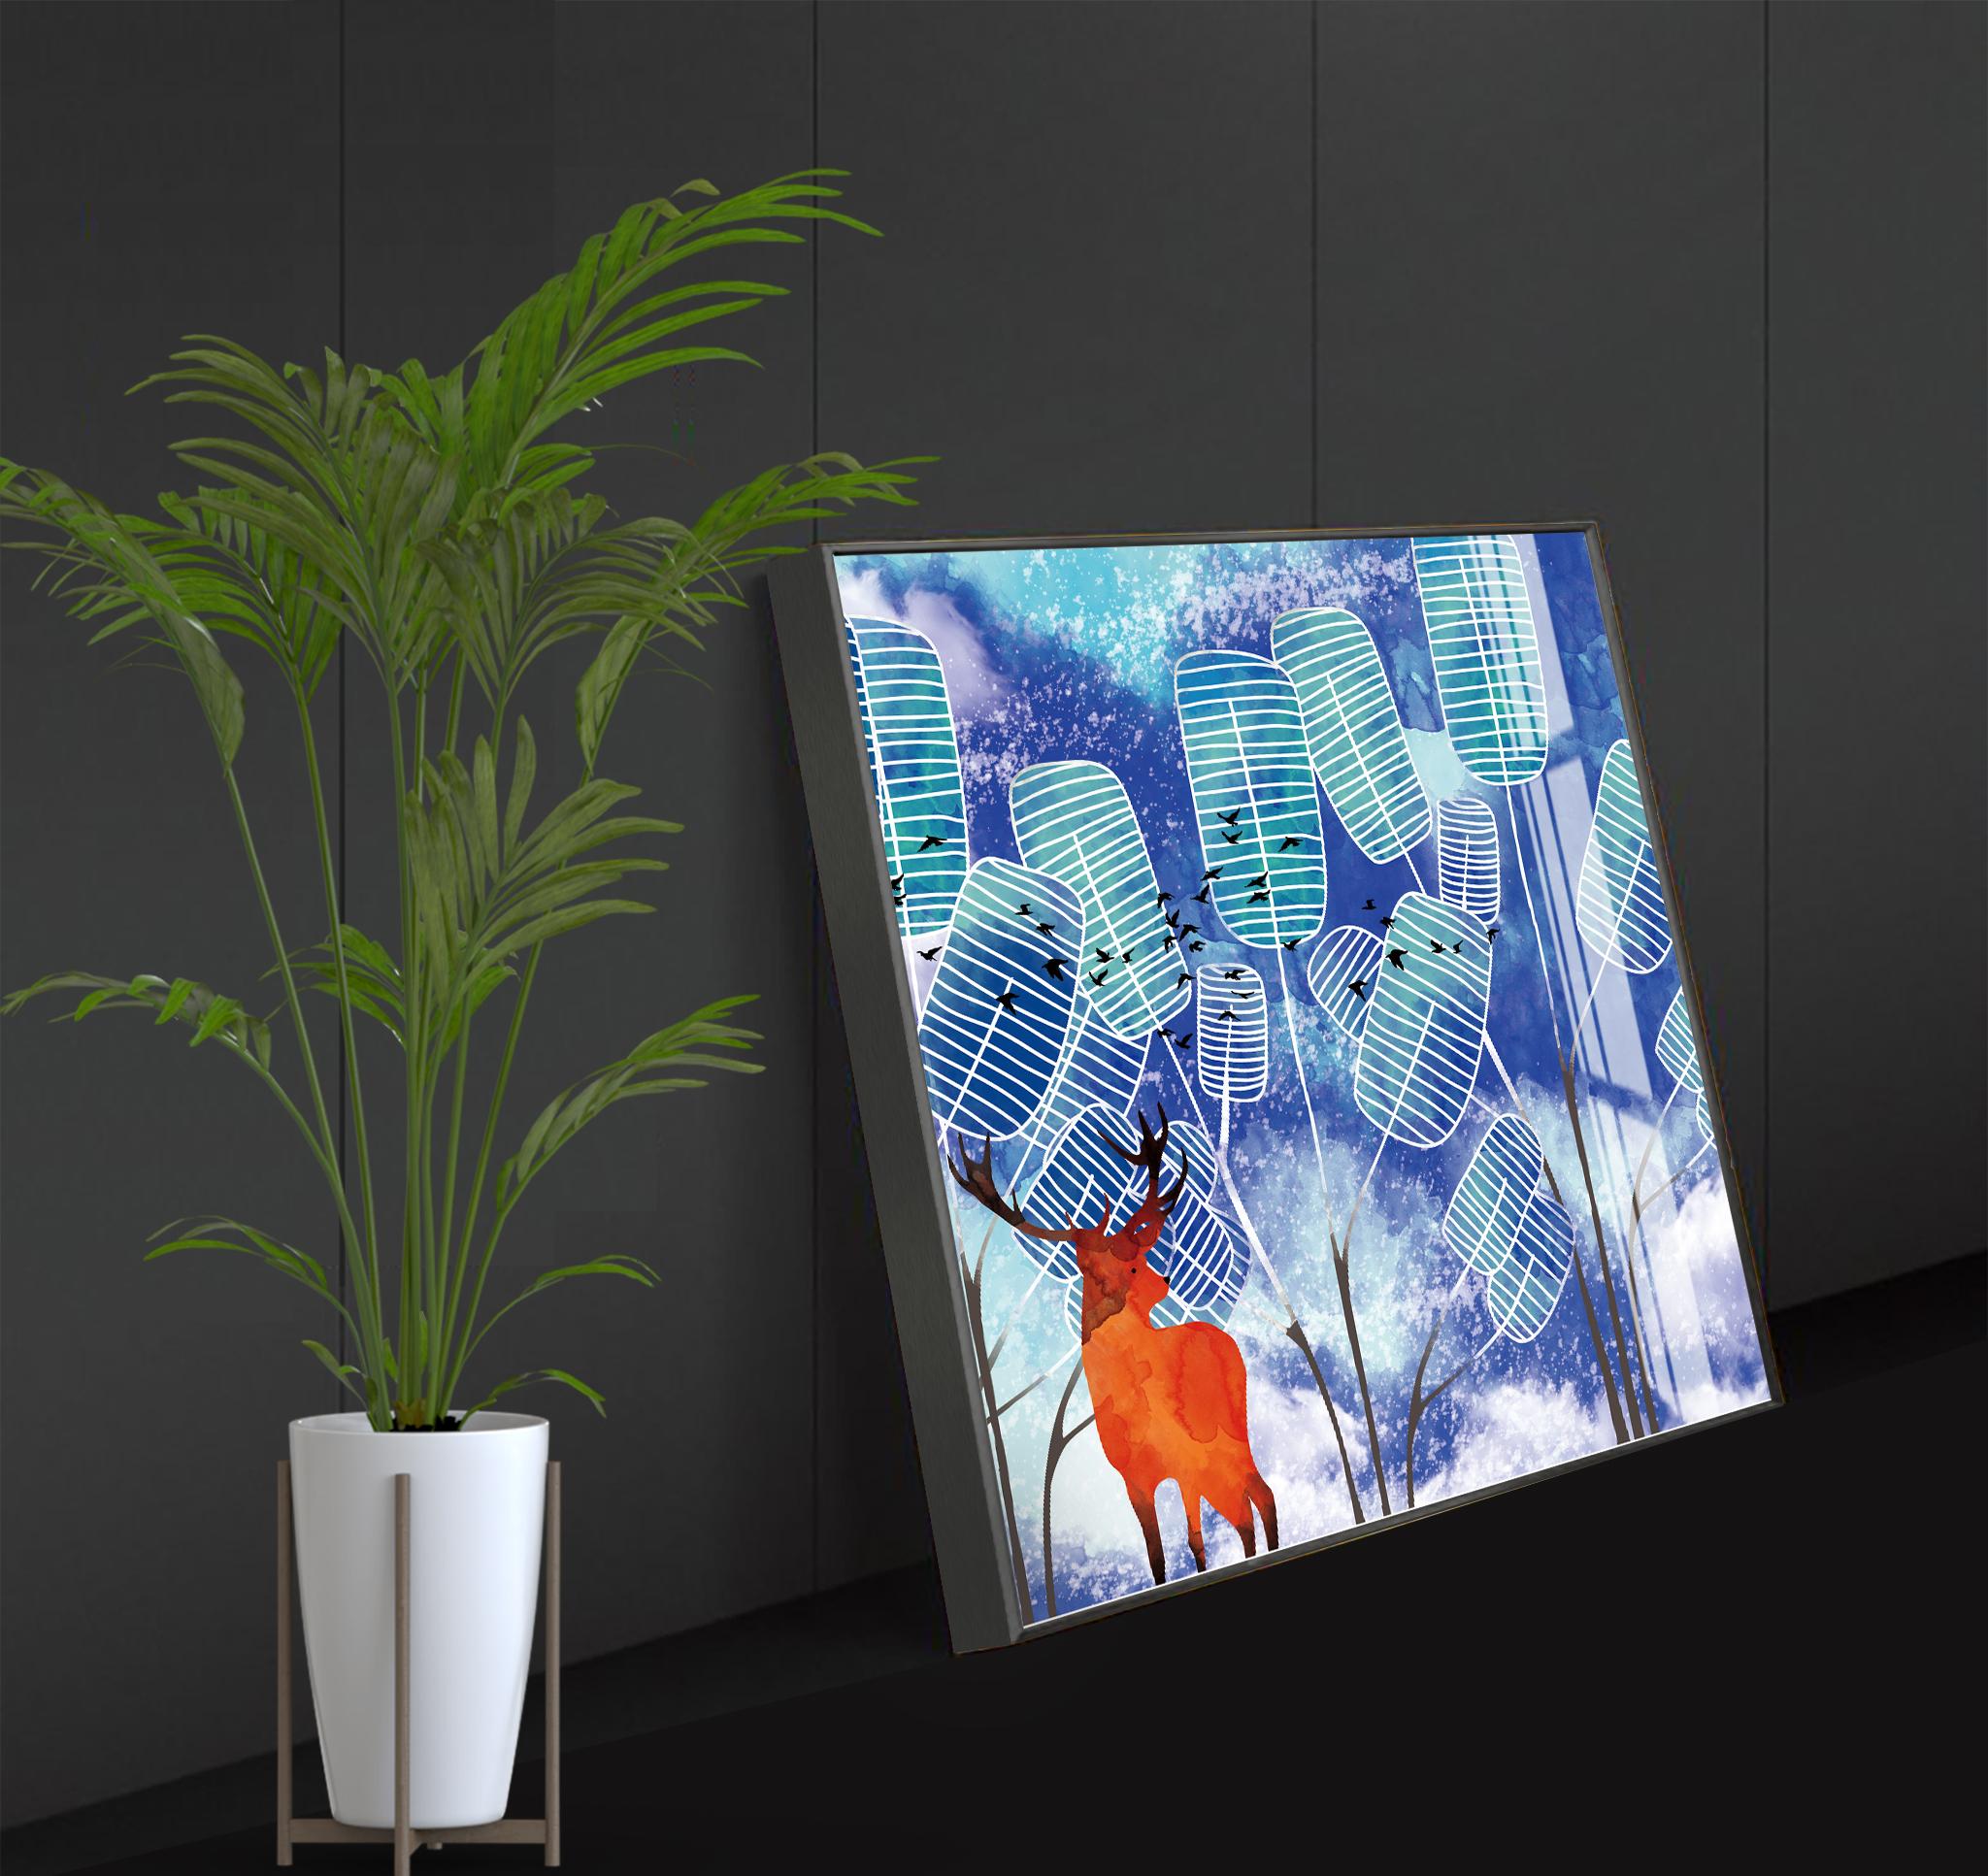 Tranh phong thuỷ Mica 3 bức Rừng lá và hươu vàng trừu tượng (Dương Liễu Mộc). Model: AZ3-0136